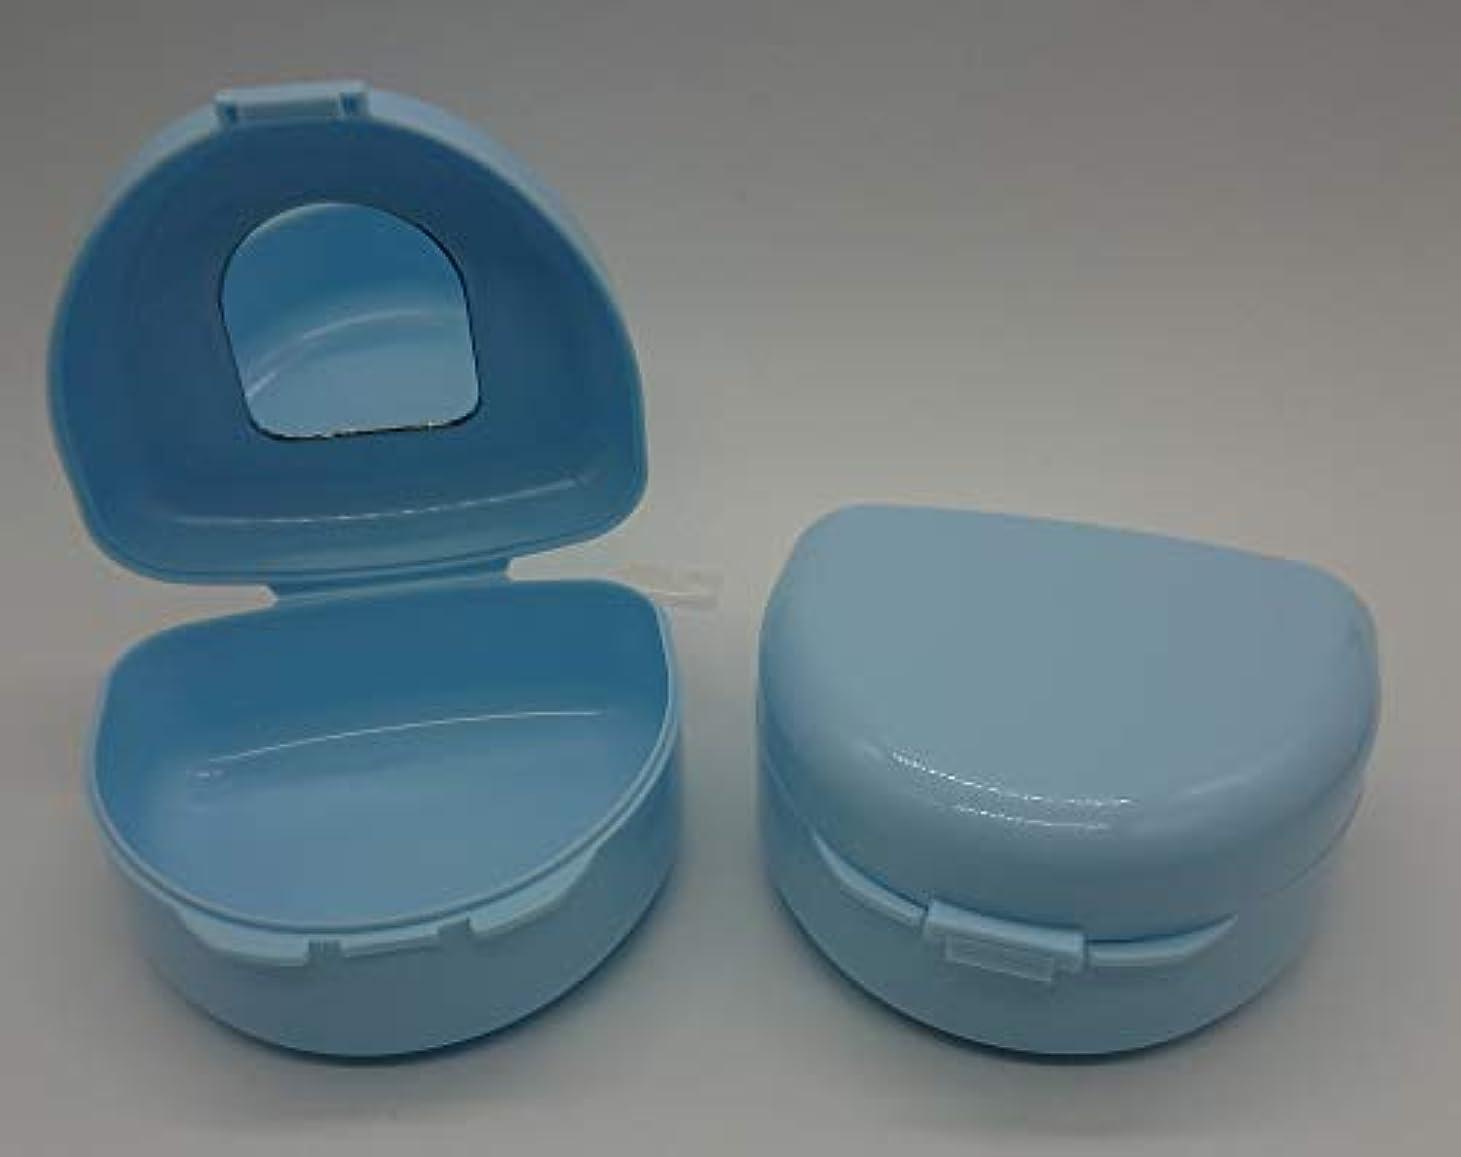 司法ロードハウスに対処する鏡付き入れ歯マウスピースケース(容器) 水色